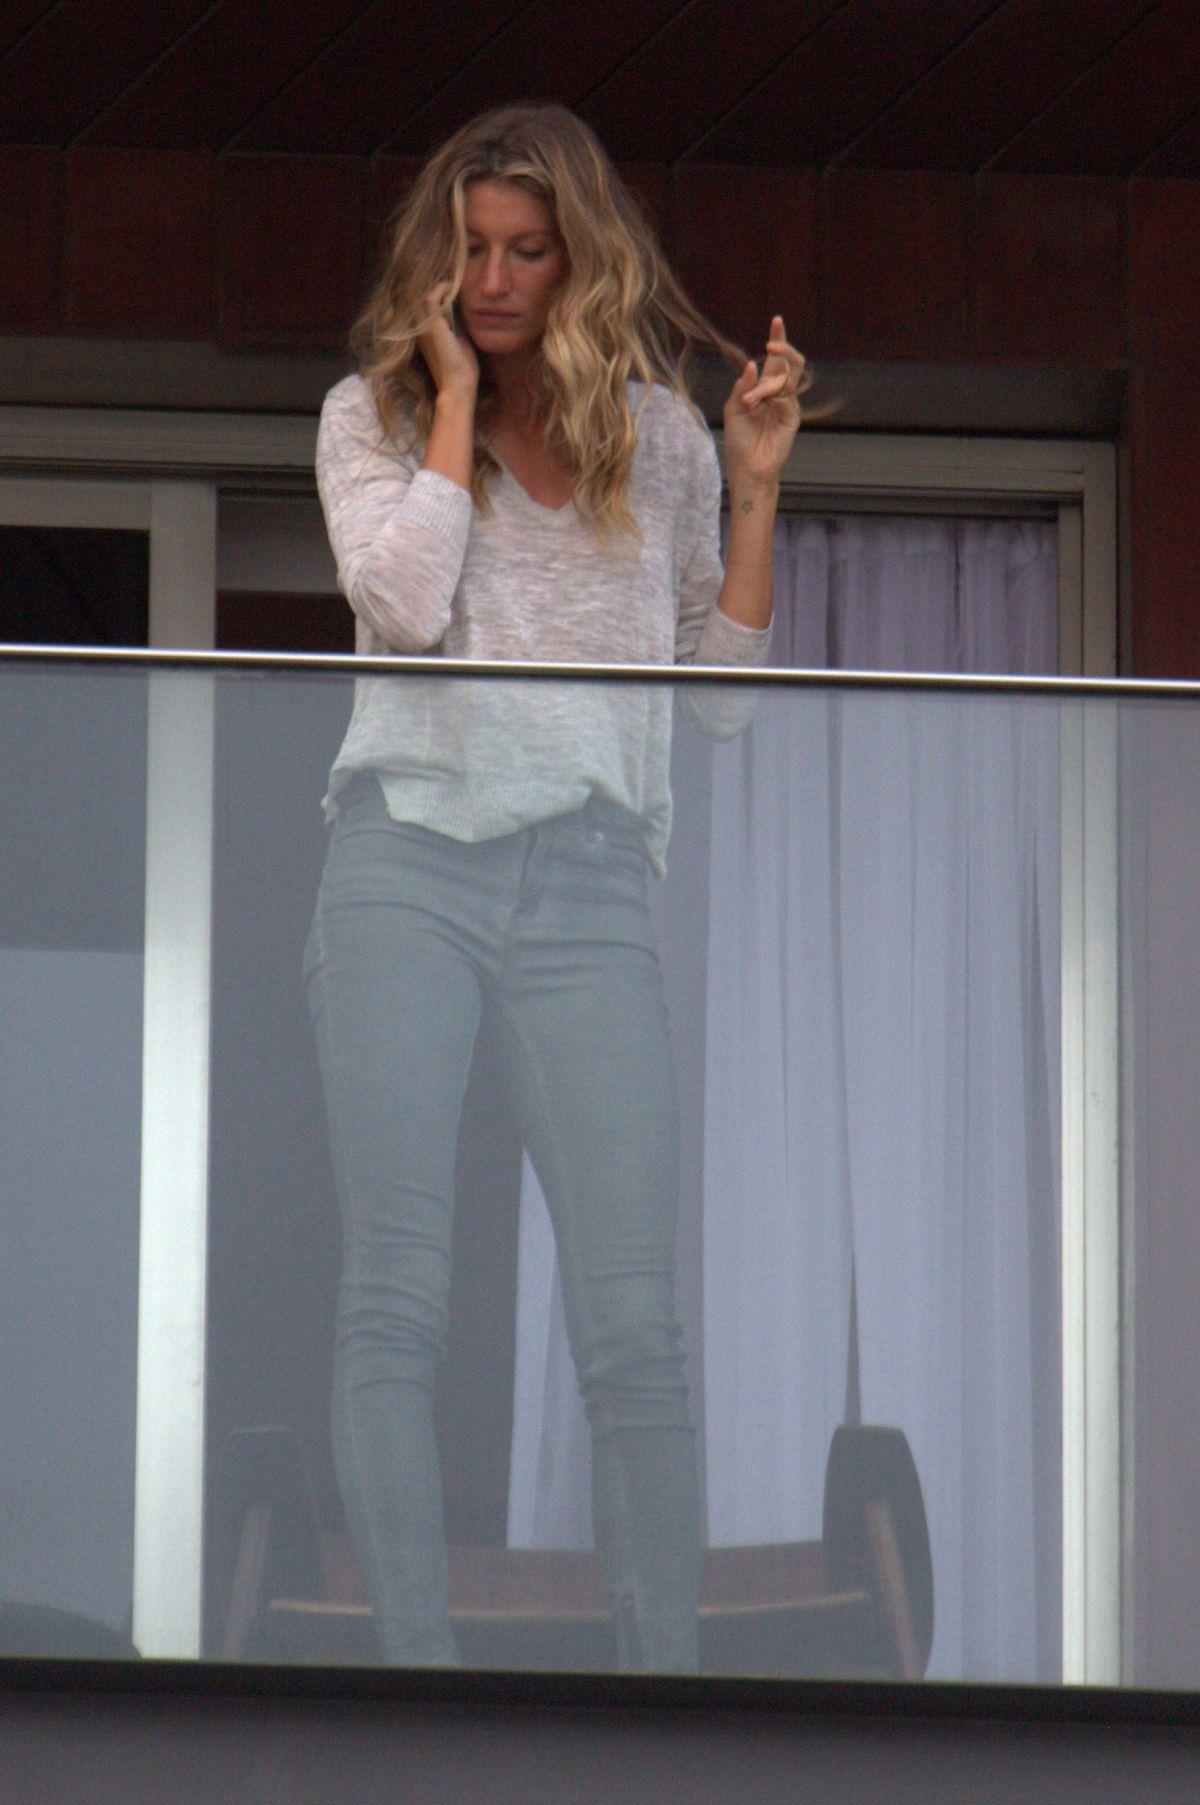 GISELE BUNDCHEN on the Balcony of Her Hotel in Rio De Janeiro 08/03/2016